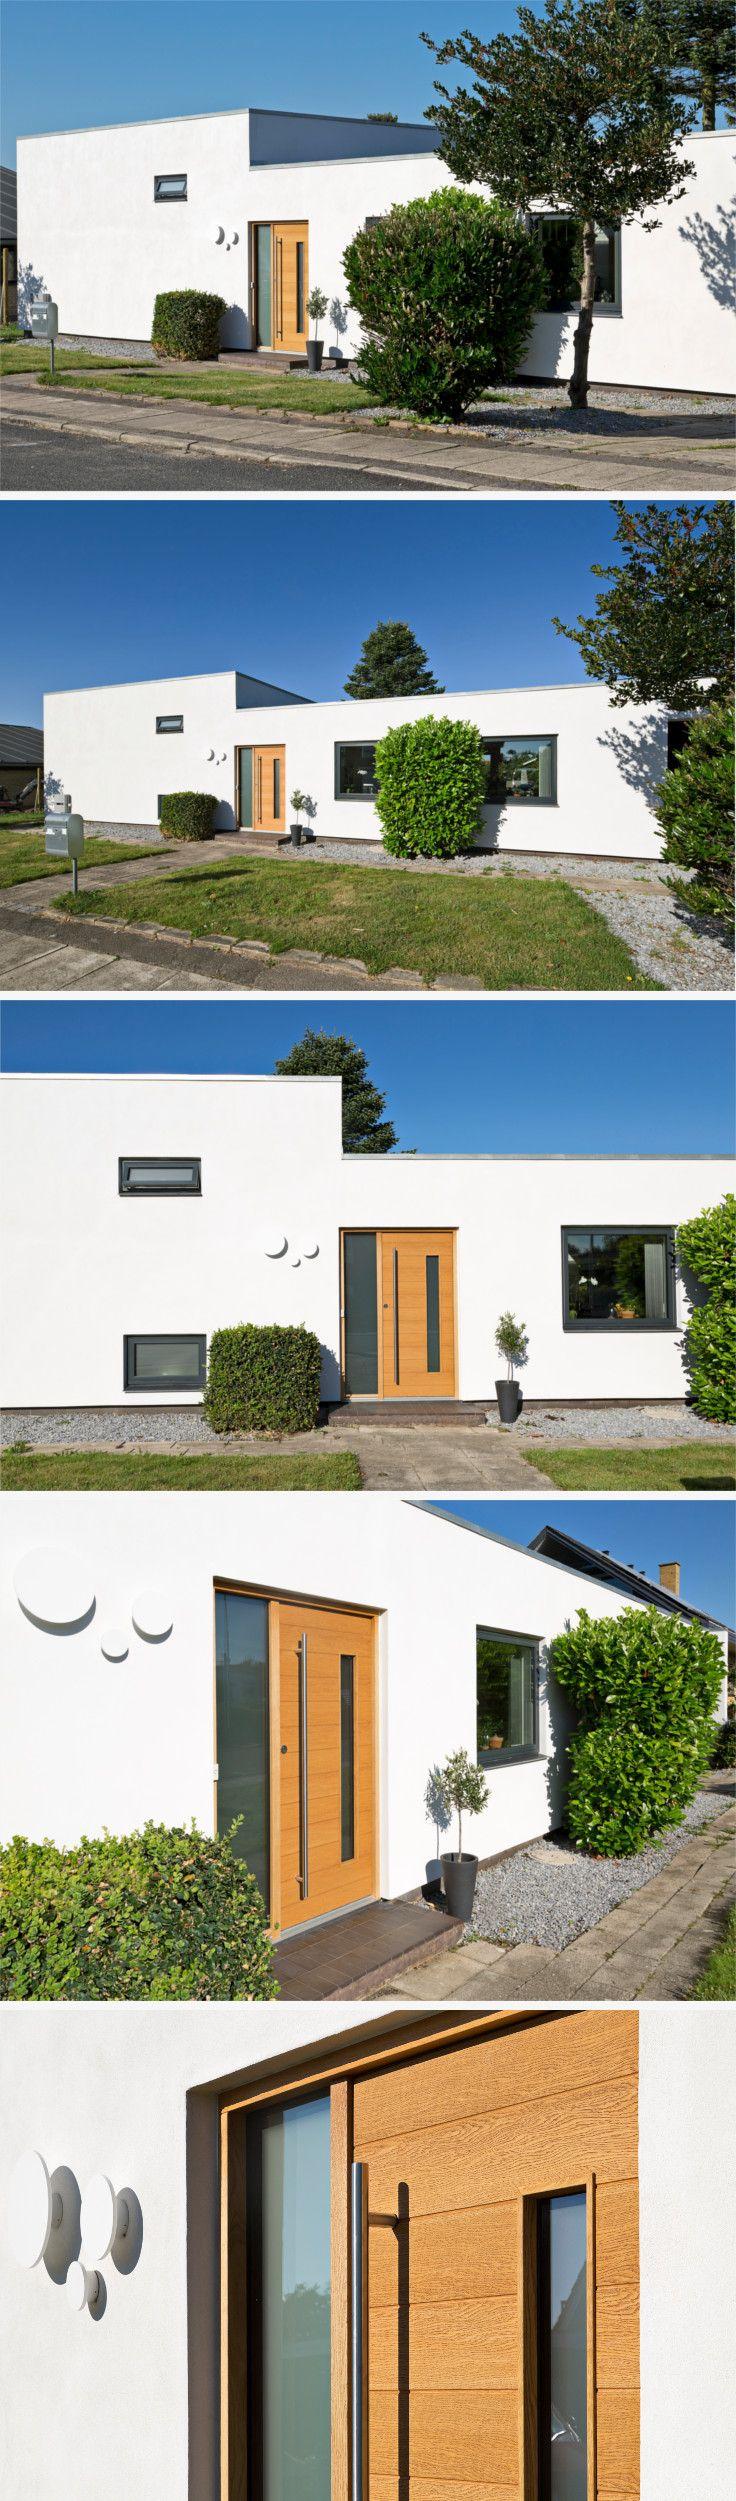 Exterior Je-Træ door model Alfa. #vahledoor #exteriordoor #je-trae #alfa #architecture #architectural #doors